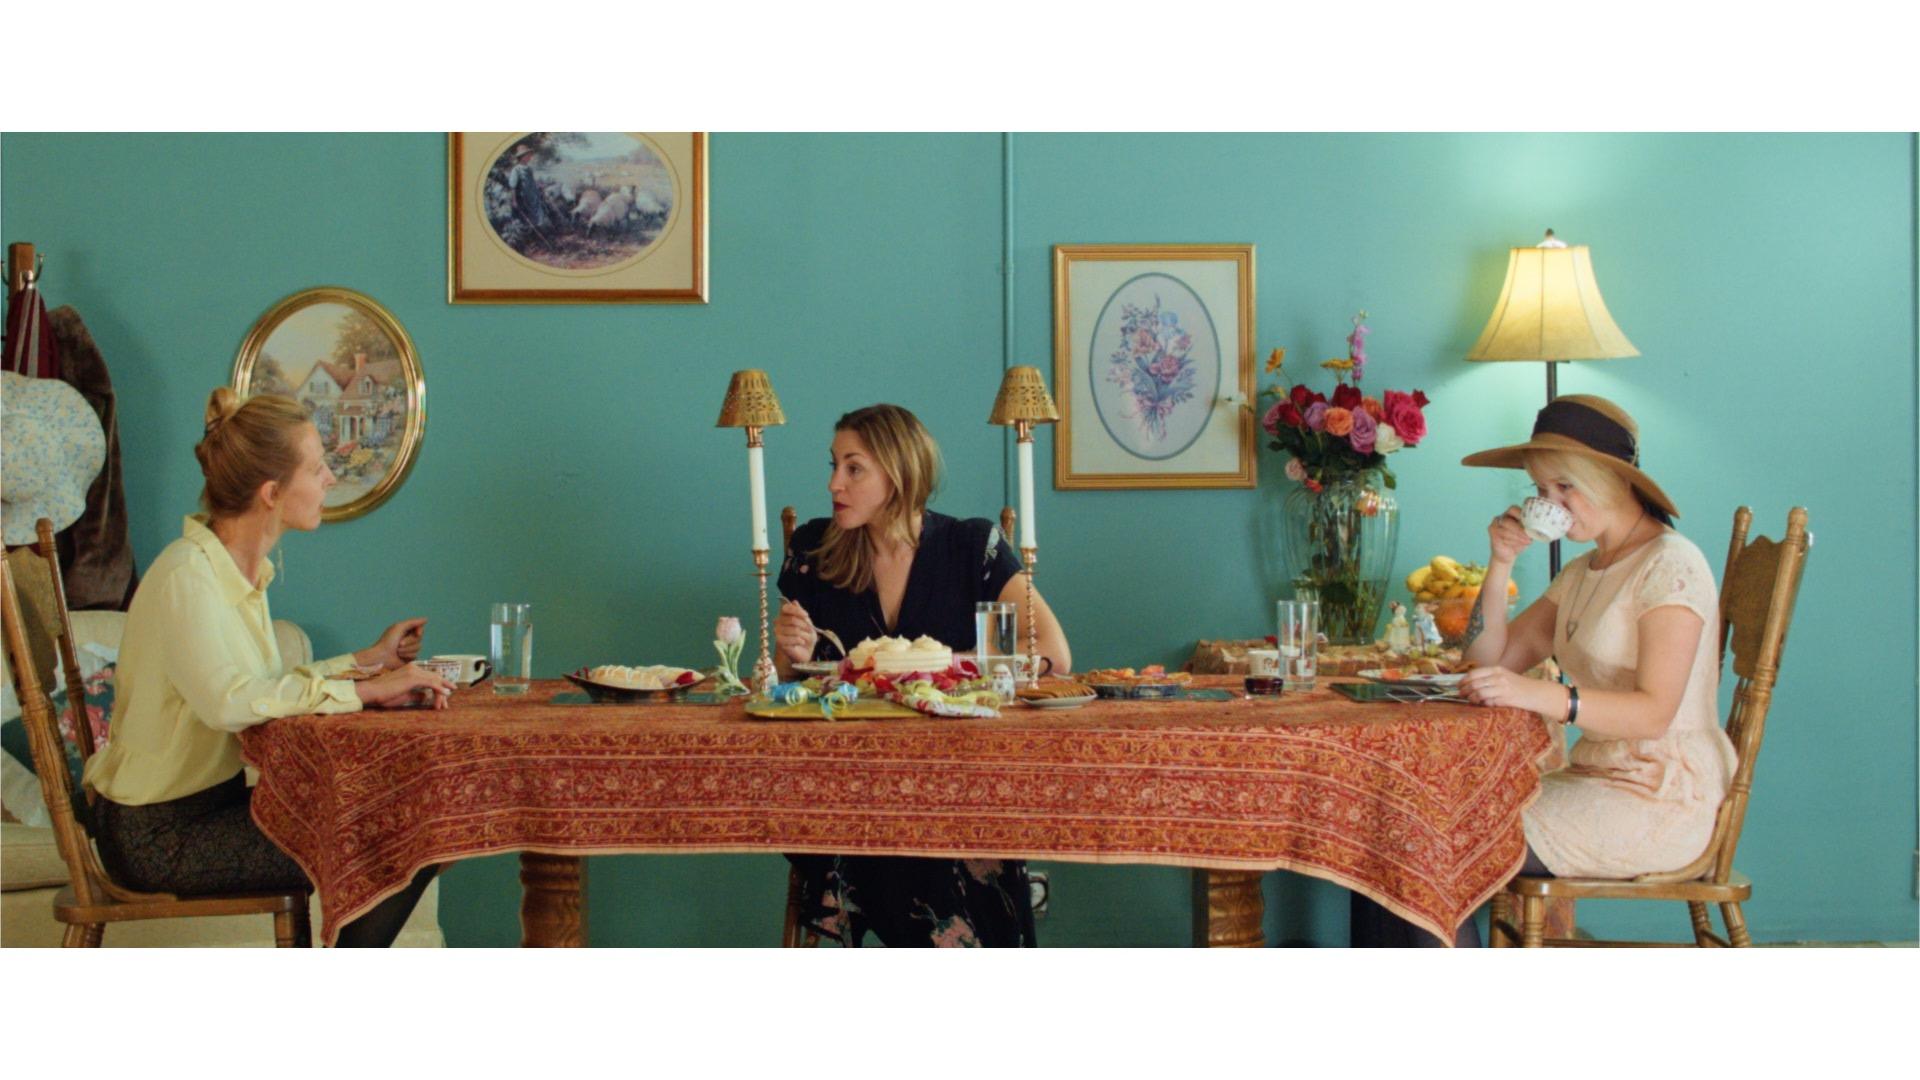 Sisters Dinner edit.jpg